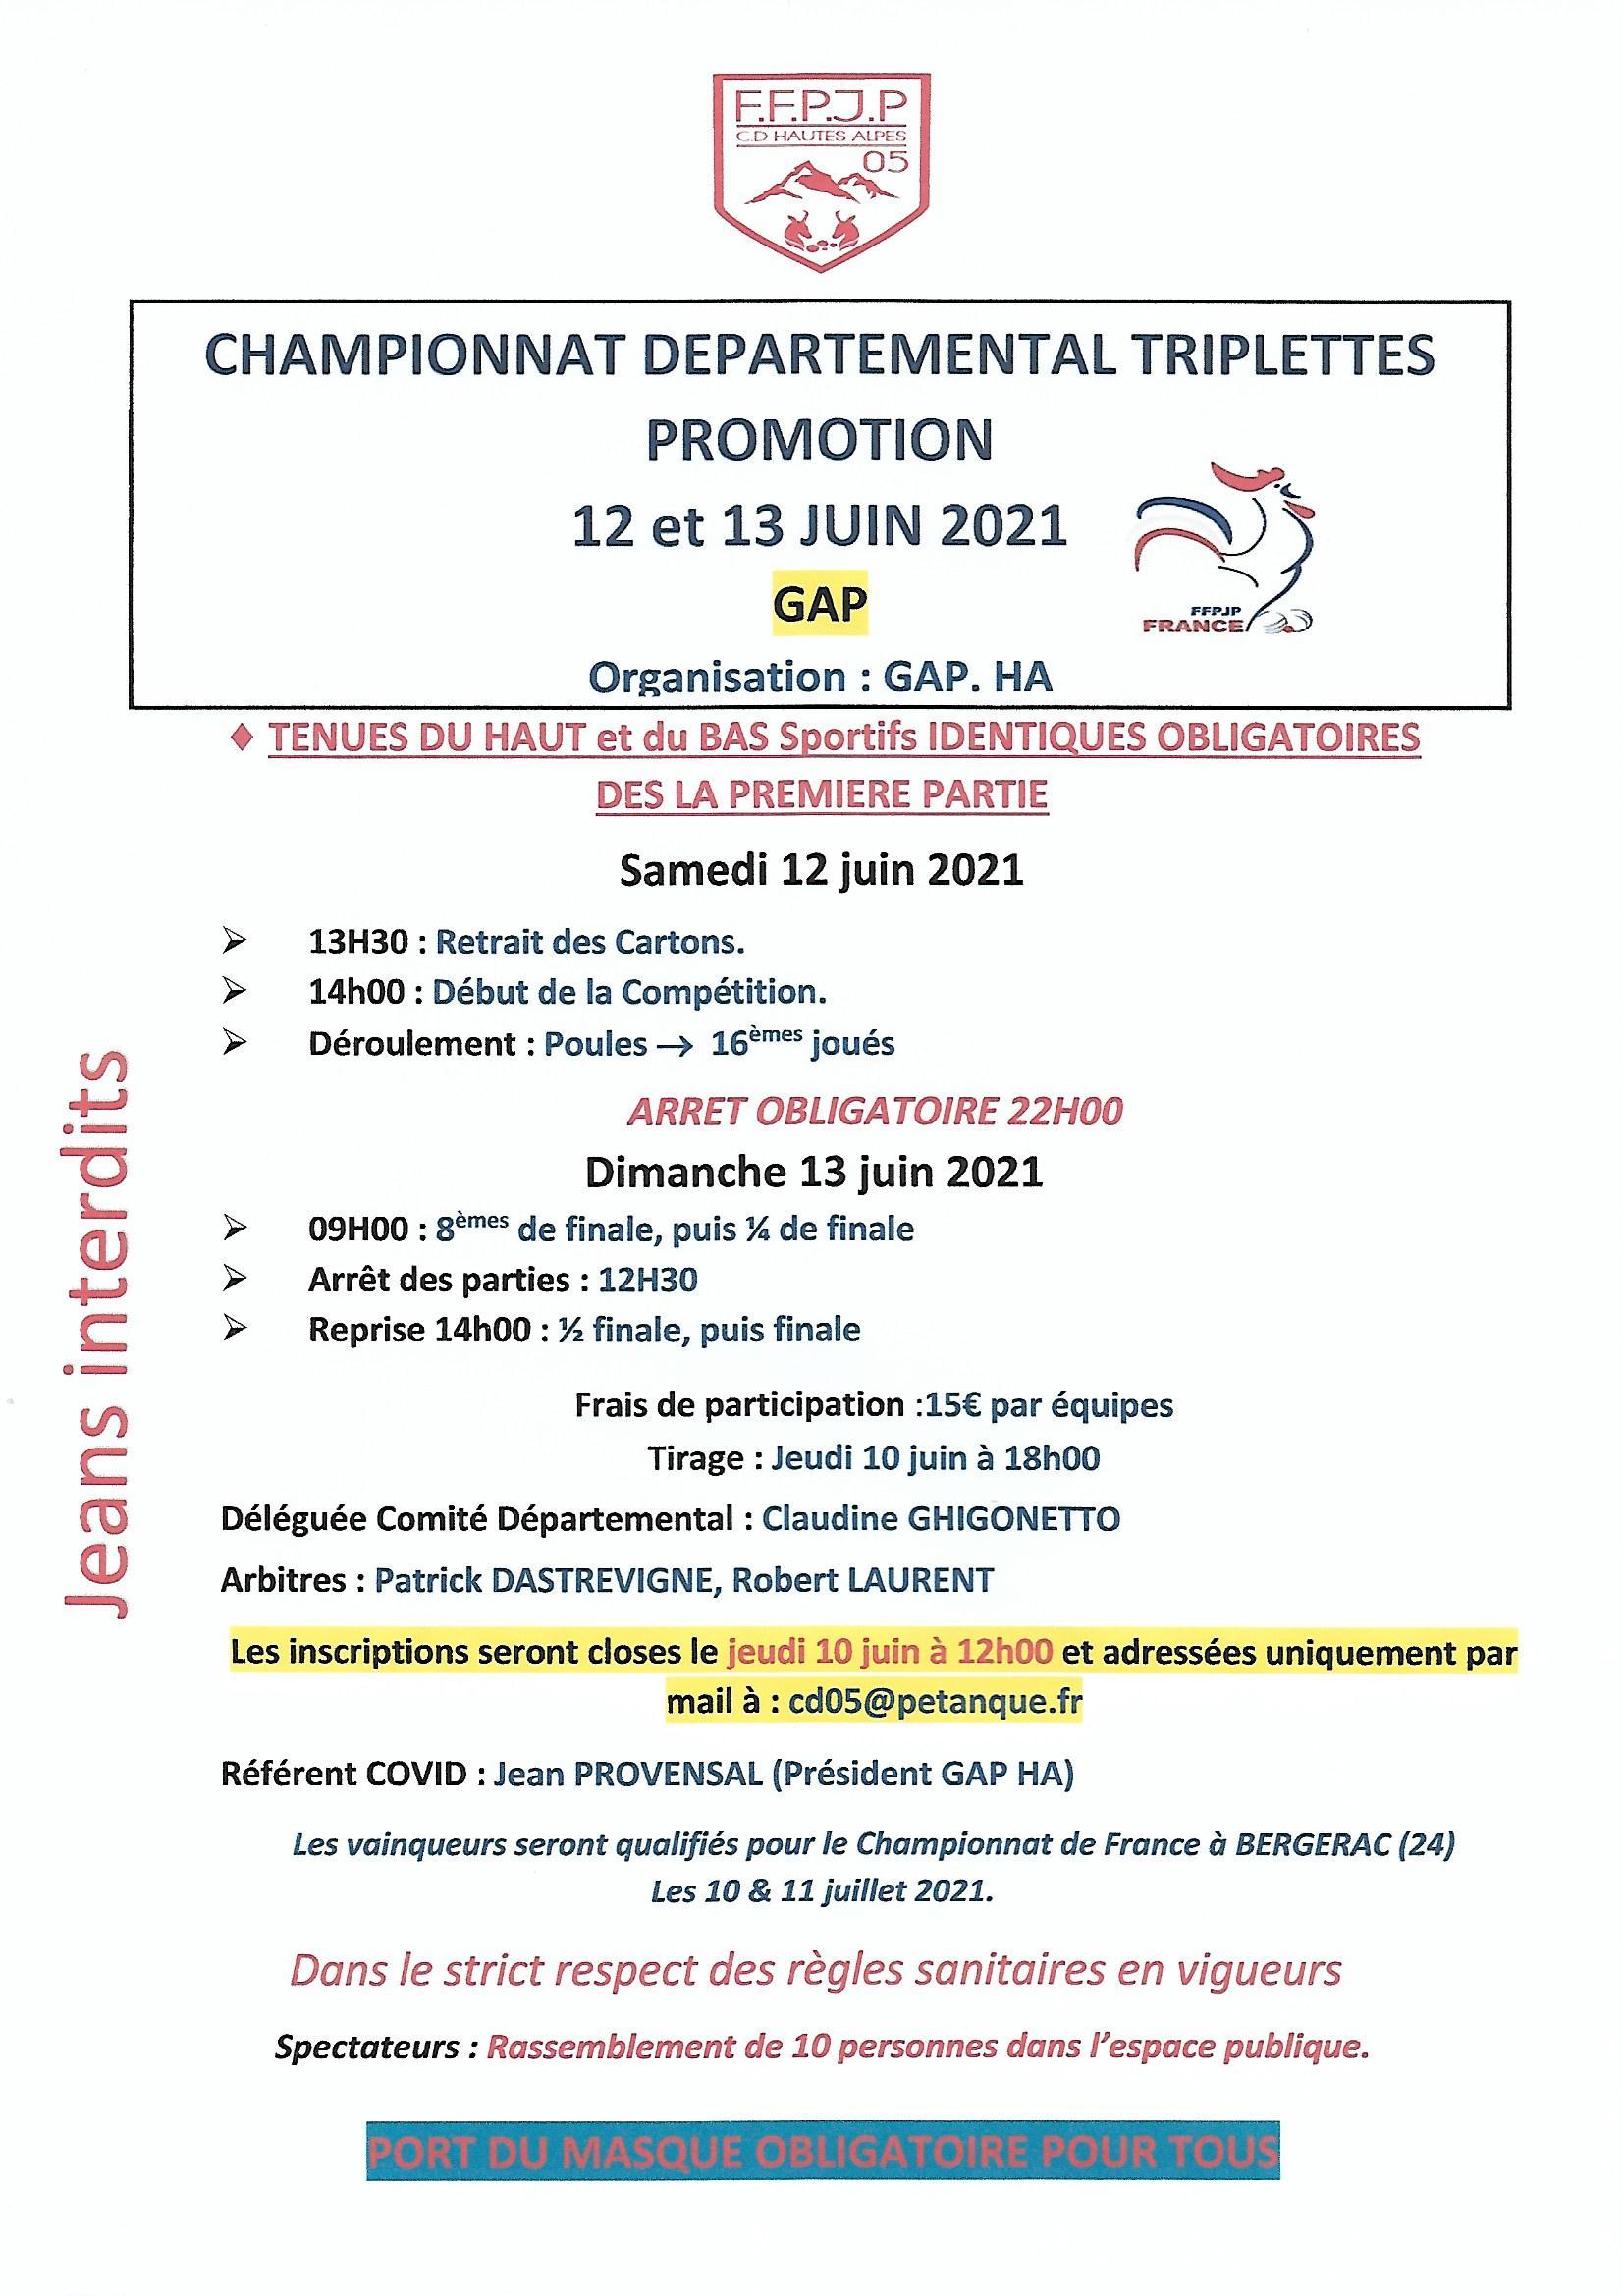 Championnat Départemental Triplettes Promotion 12 et 13 Juin à GAP